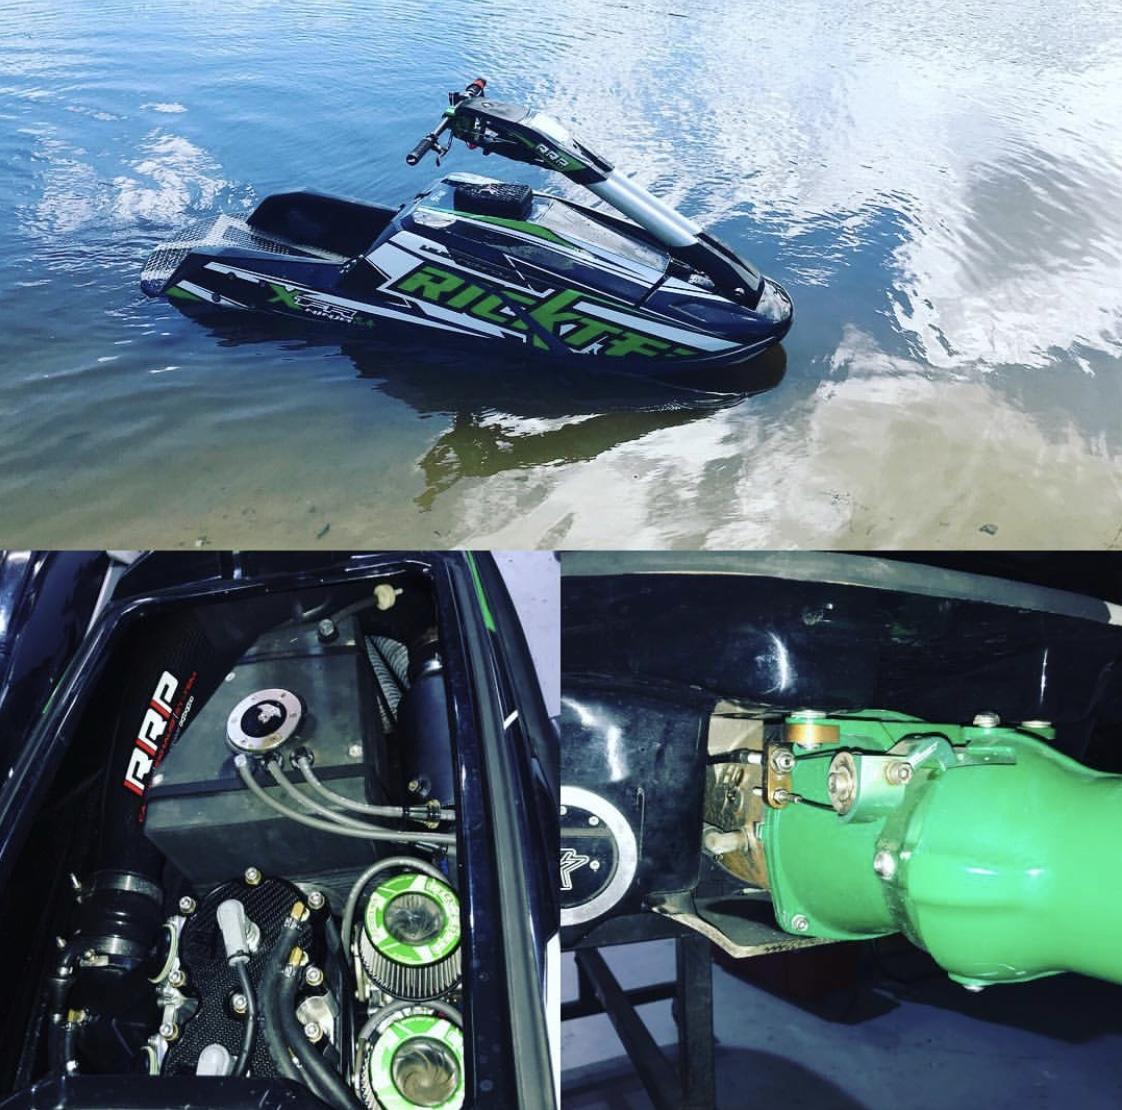 Rickter XFR Dasa 1100cc